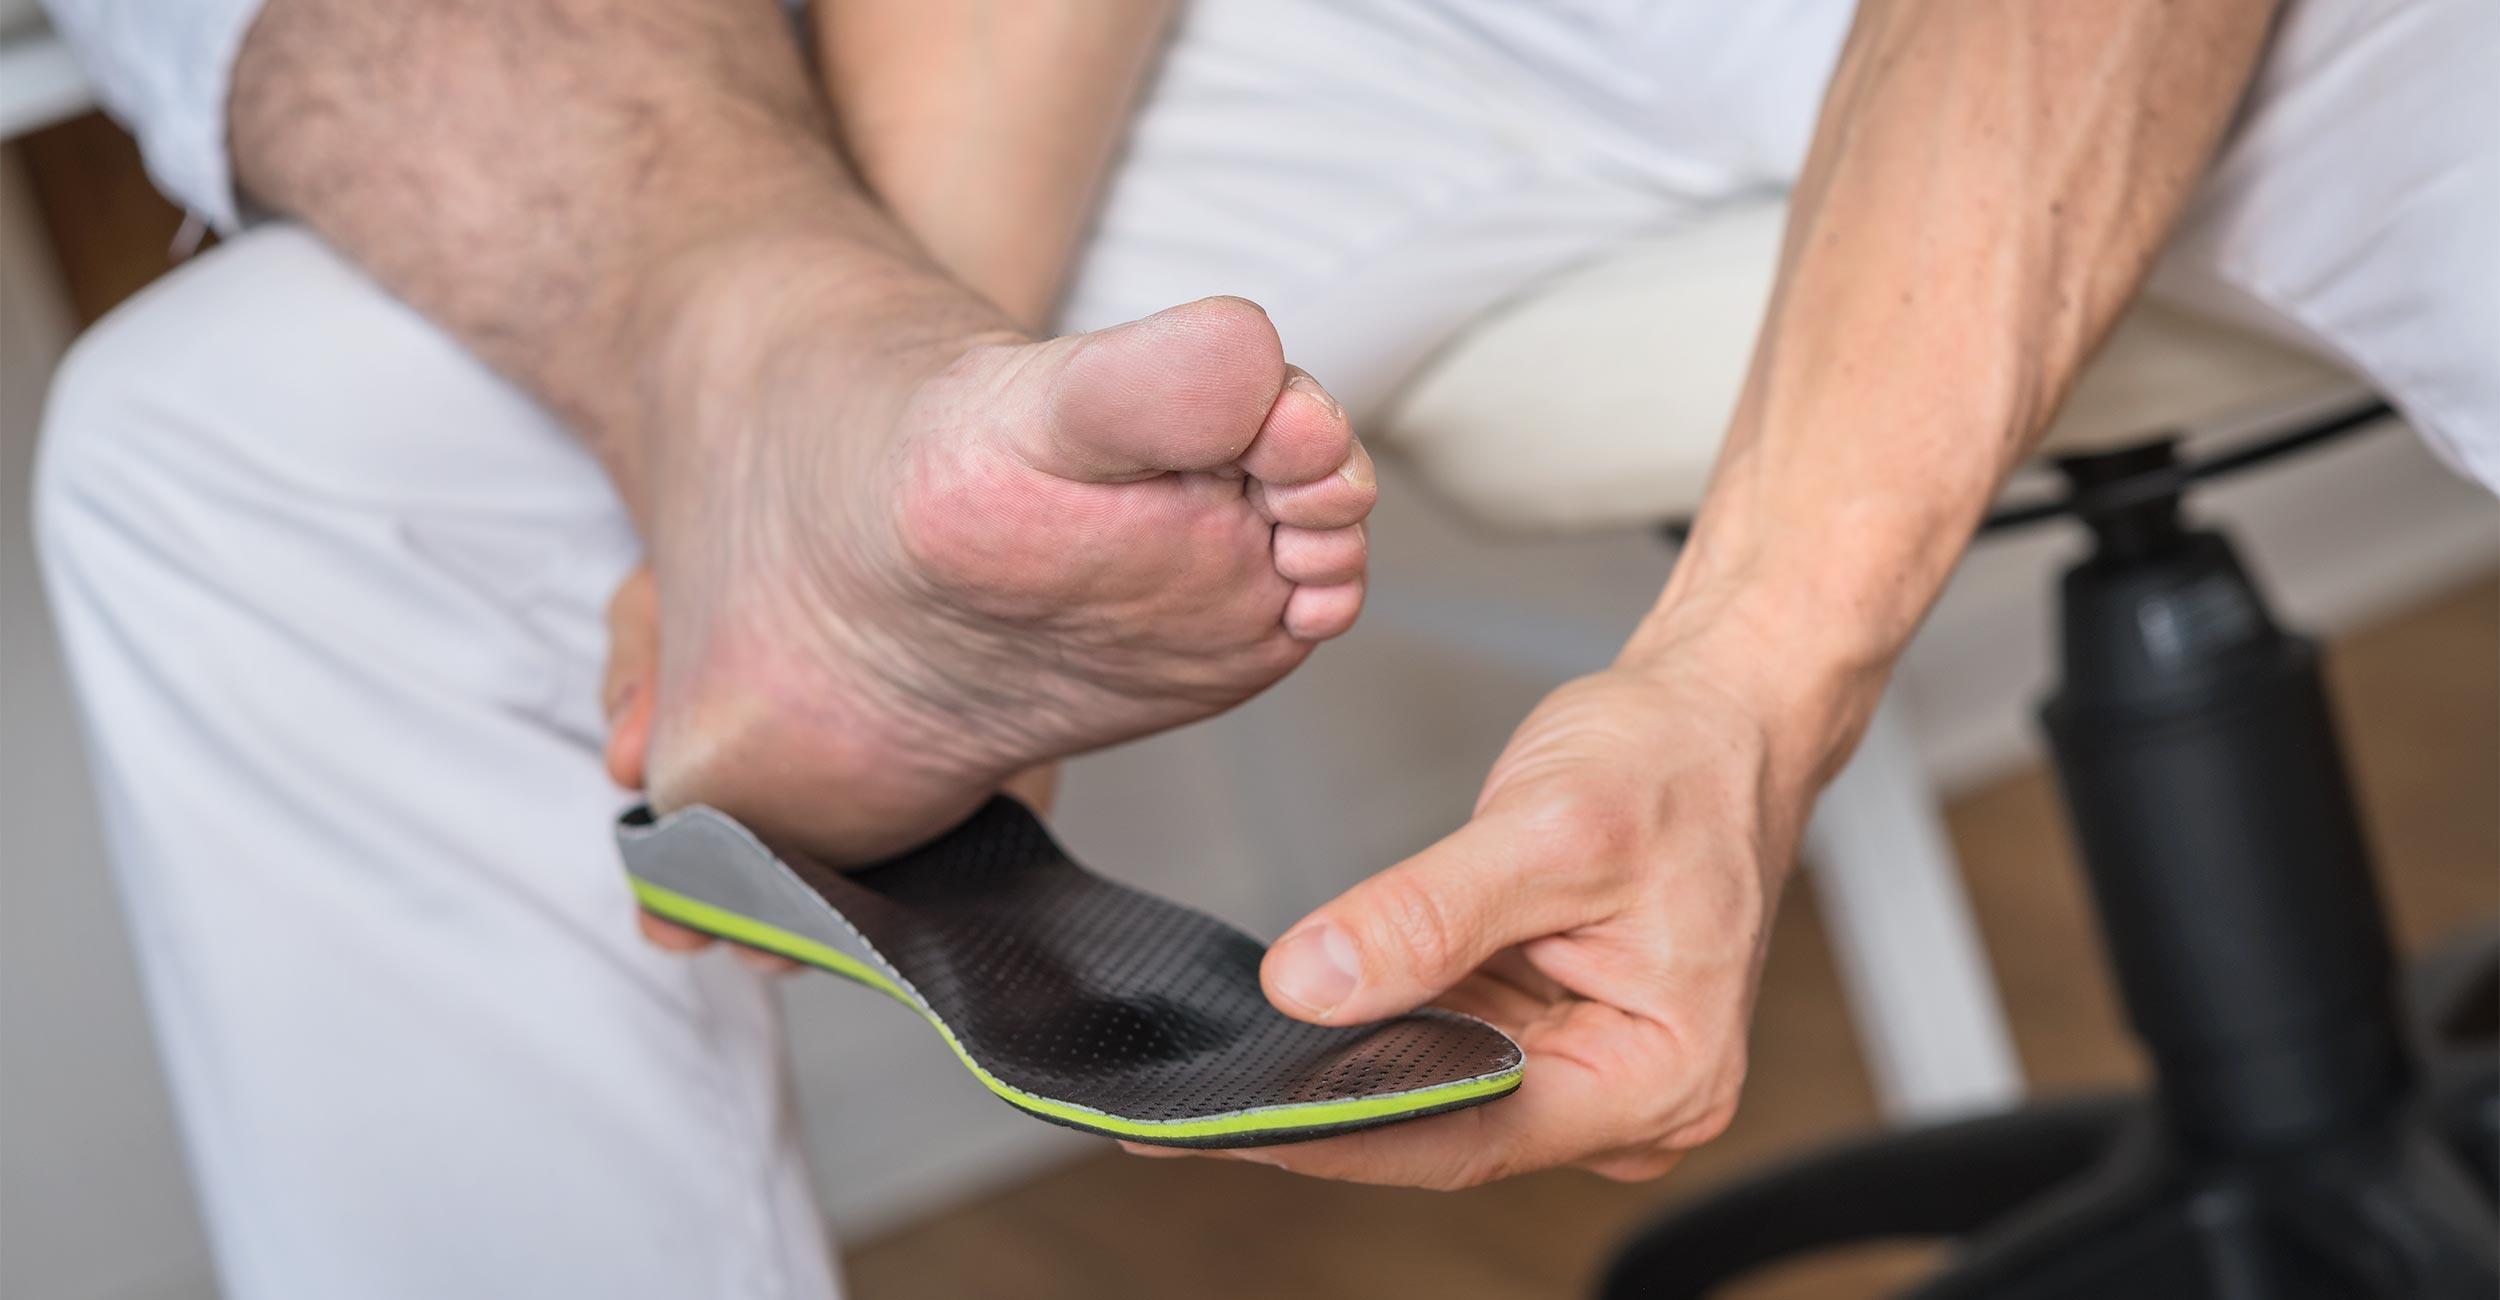 Anpassen von sensomotorischen Einlagen an den Fuß